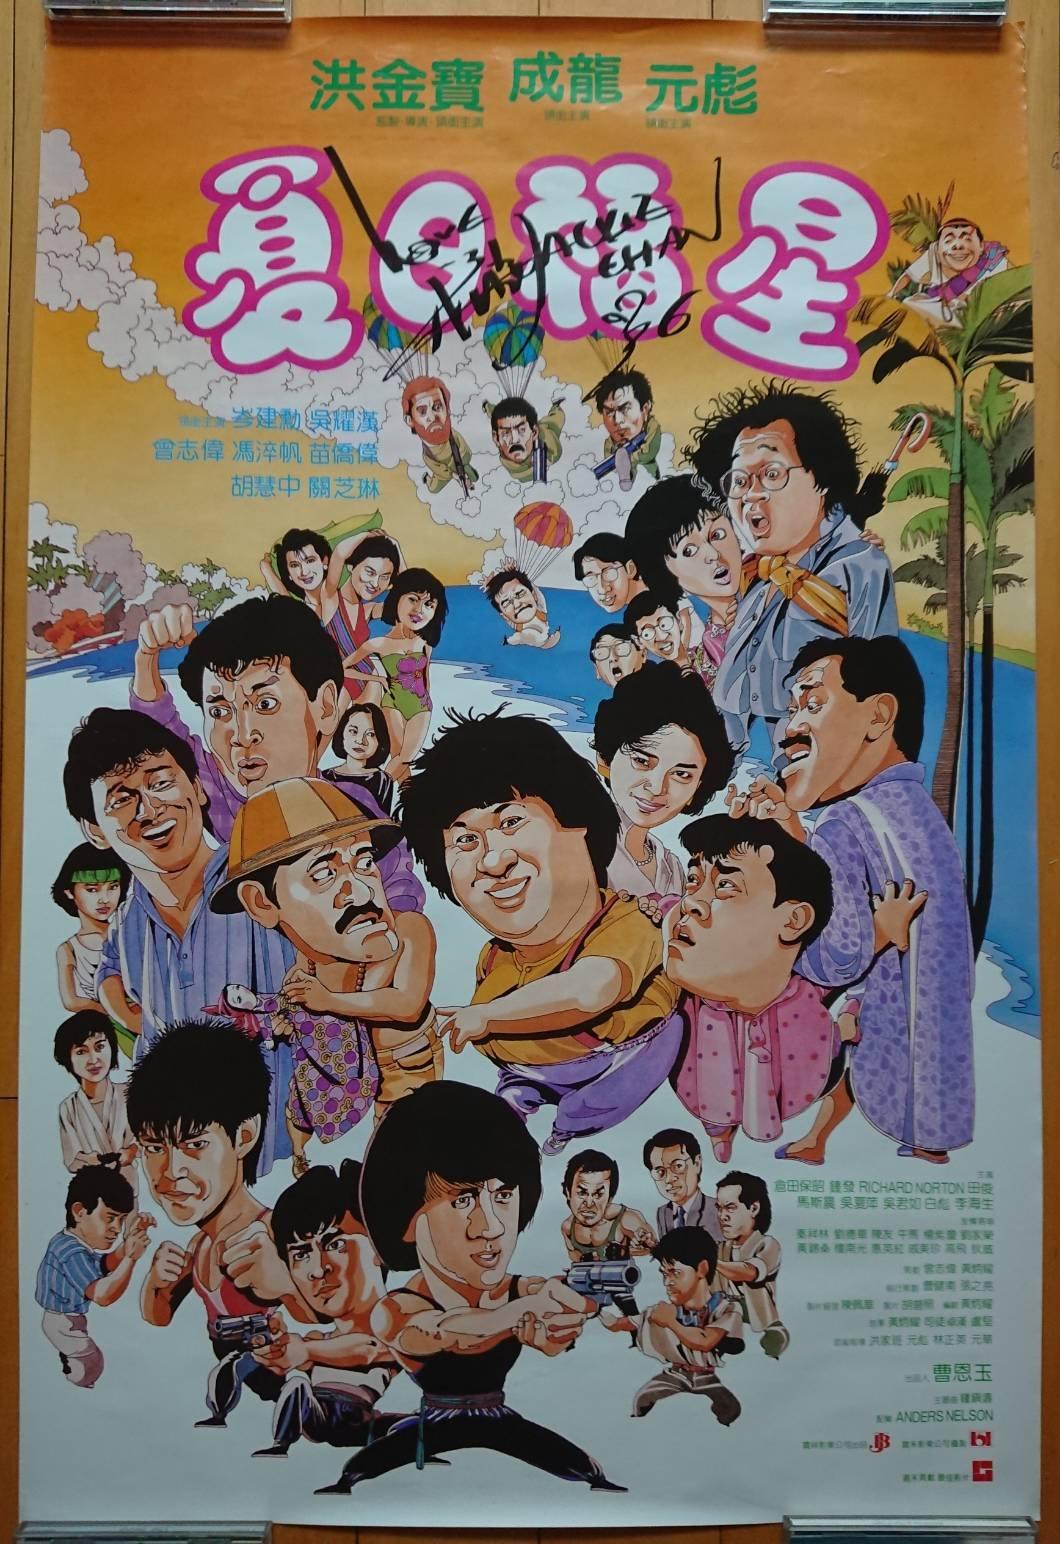 夏日福星 - 成龍 Jackie Chan - 香港 手繪電影海報(1985年)成龍親筆簽名